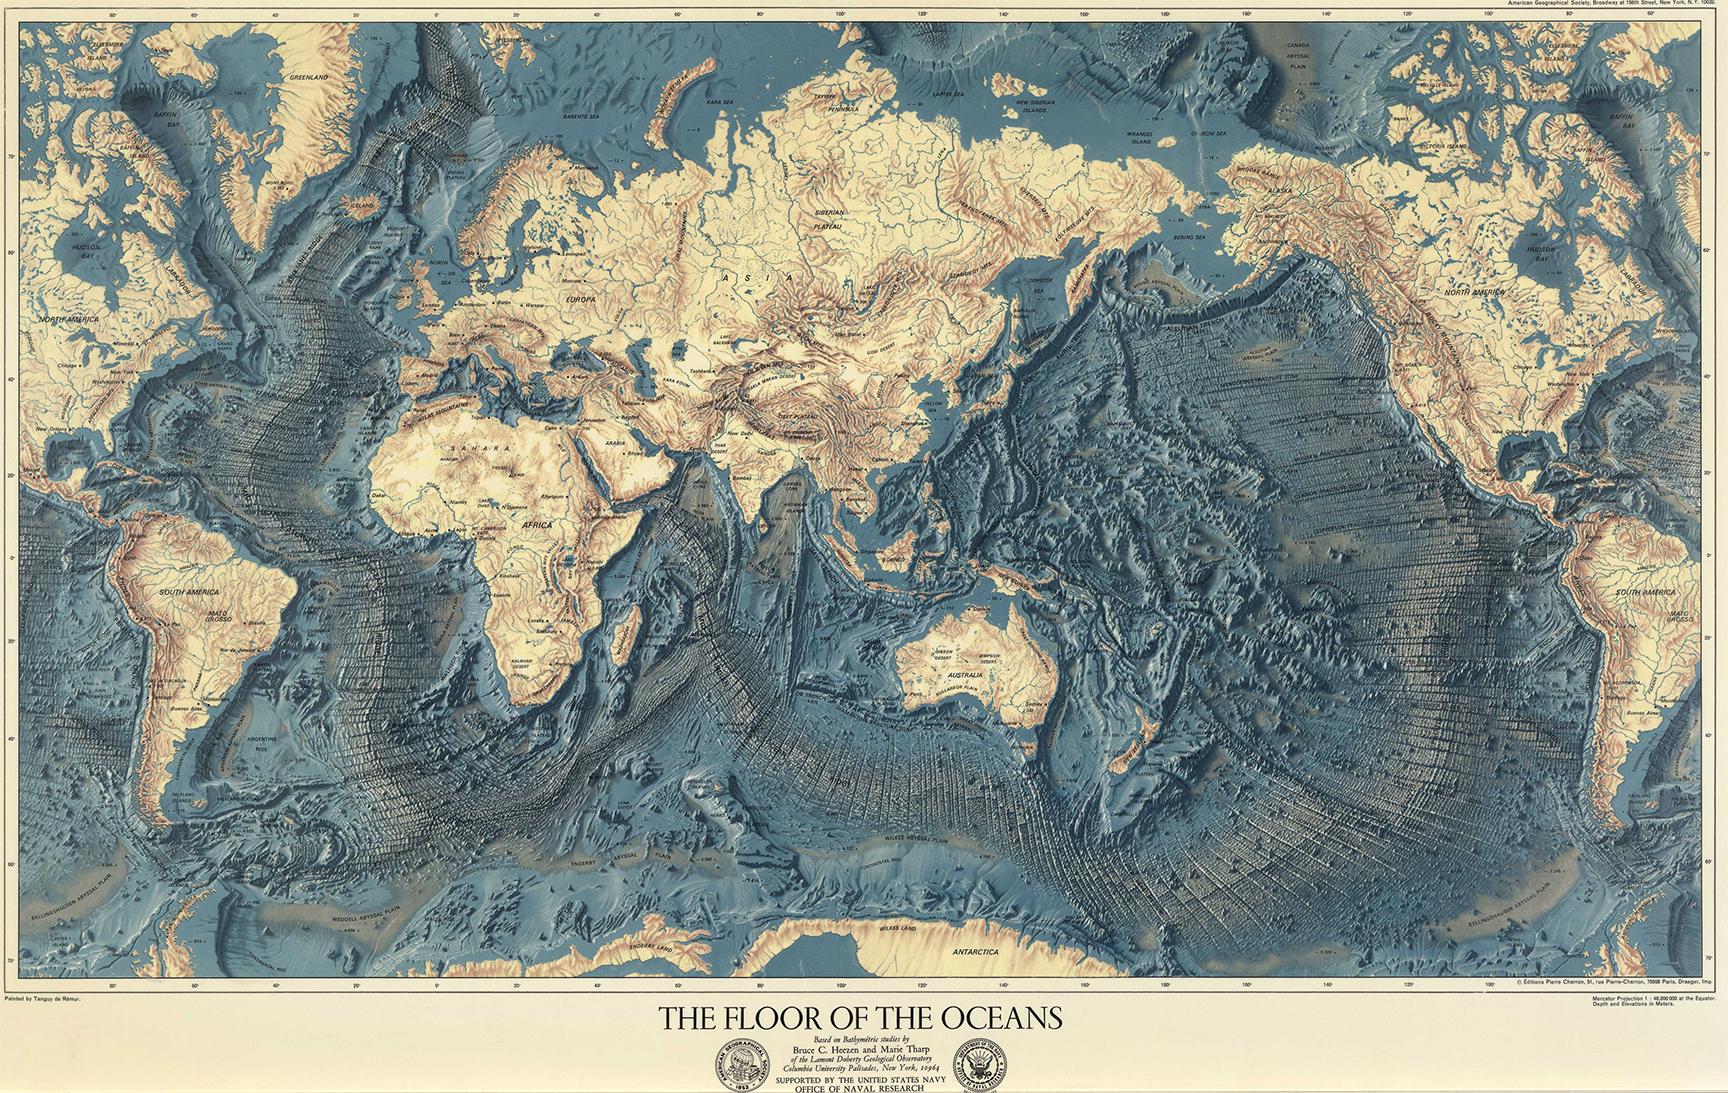 Tanguy de Rémur, Bruce C. Heezen, & Marie Tharp - The Floor of the Oceans (1975)